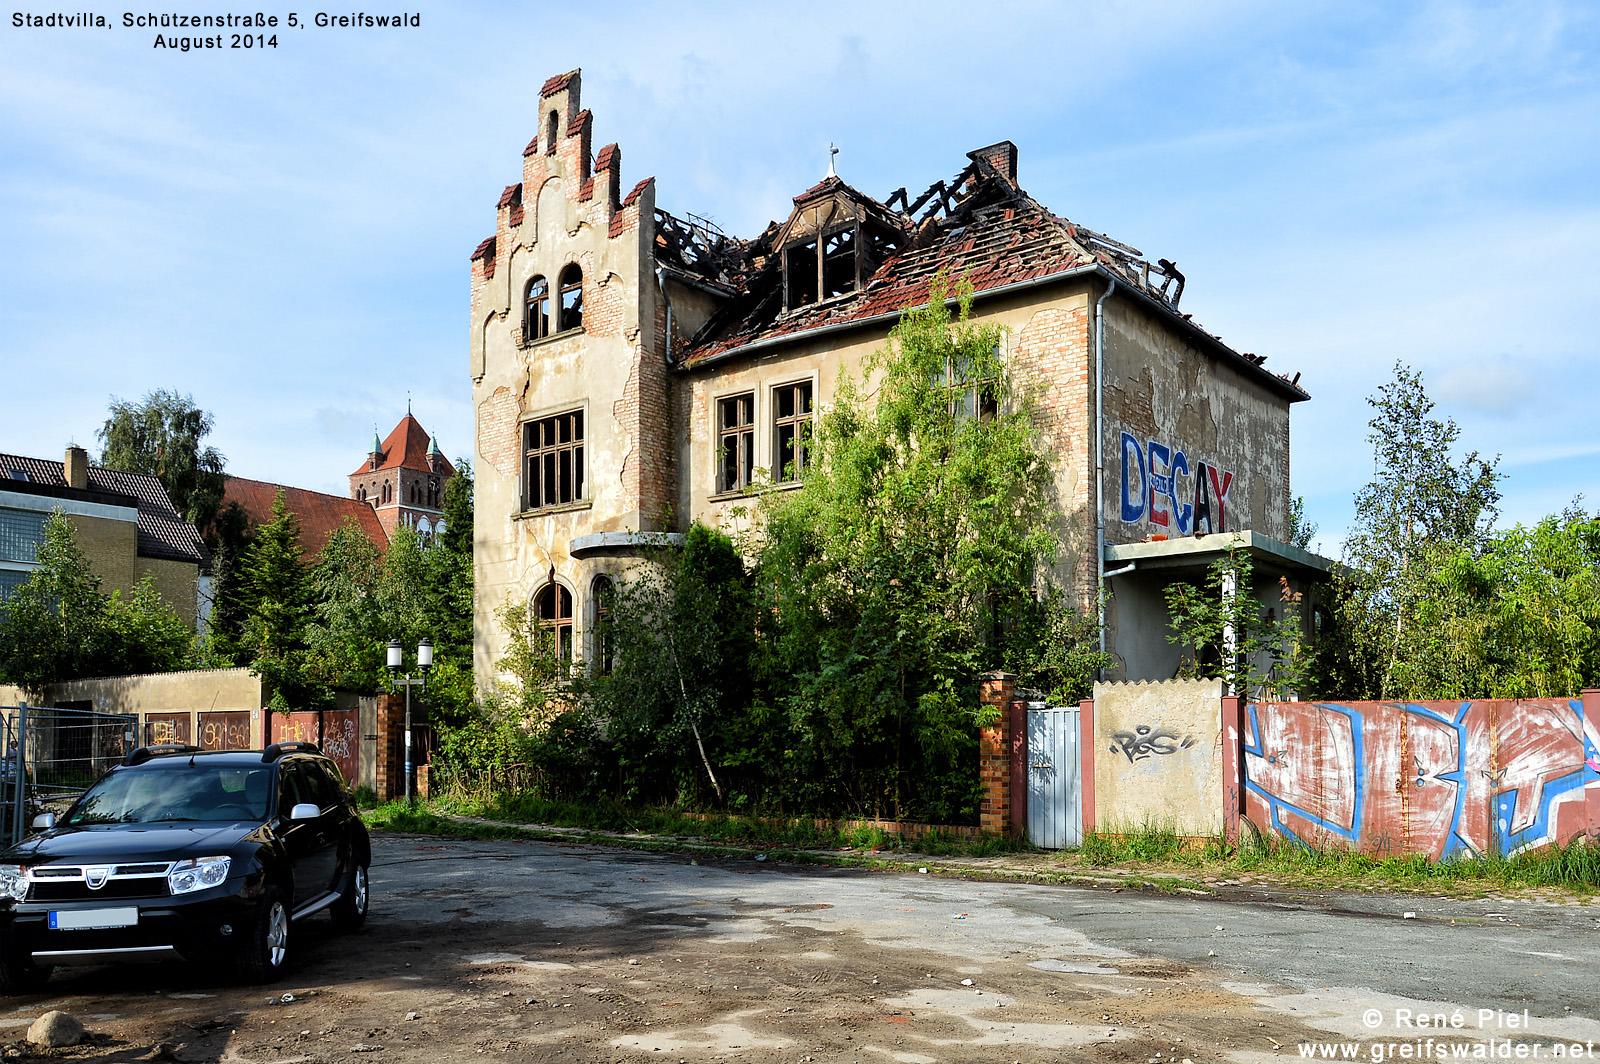 Stadtvilla, Schützenstraße 5, Greifswald